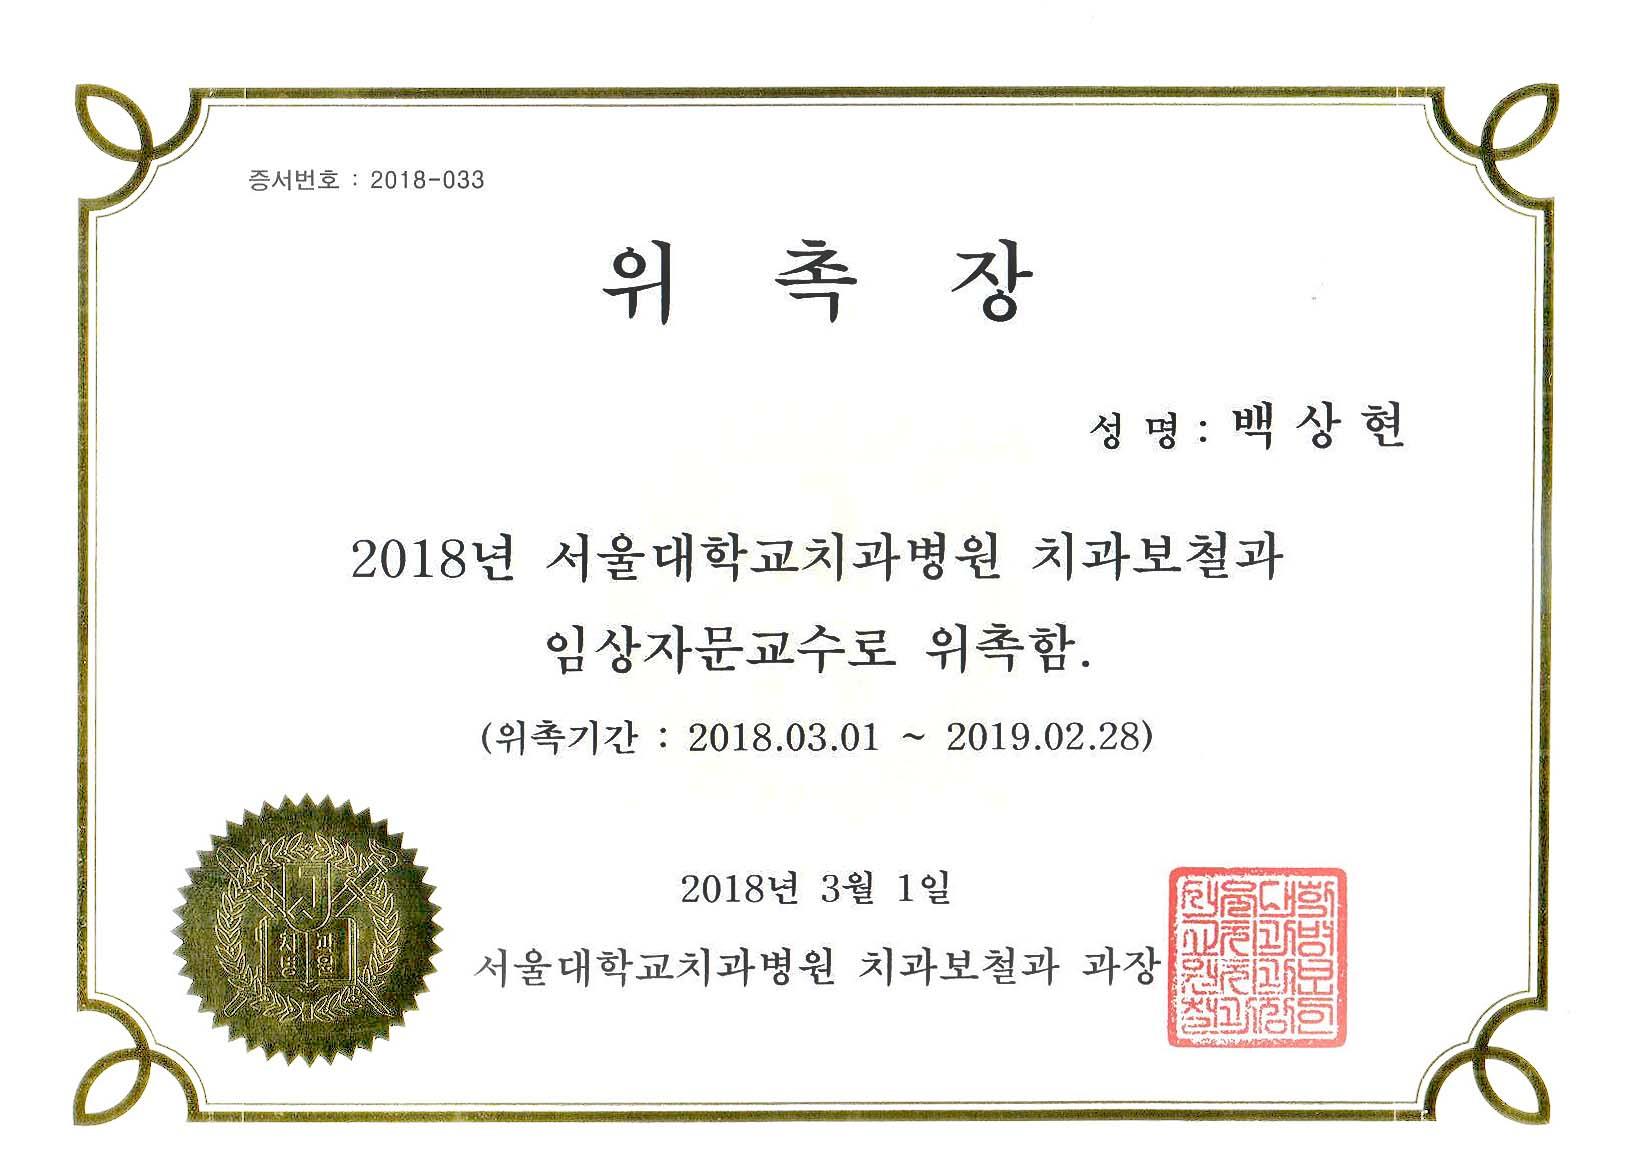 서울대학교치과병원 치과보철과 임상자문교수 위촉